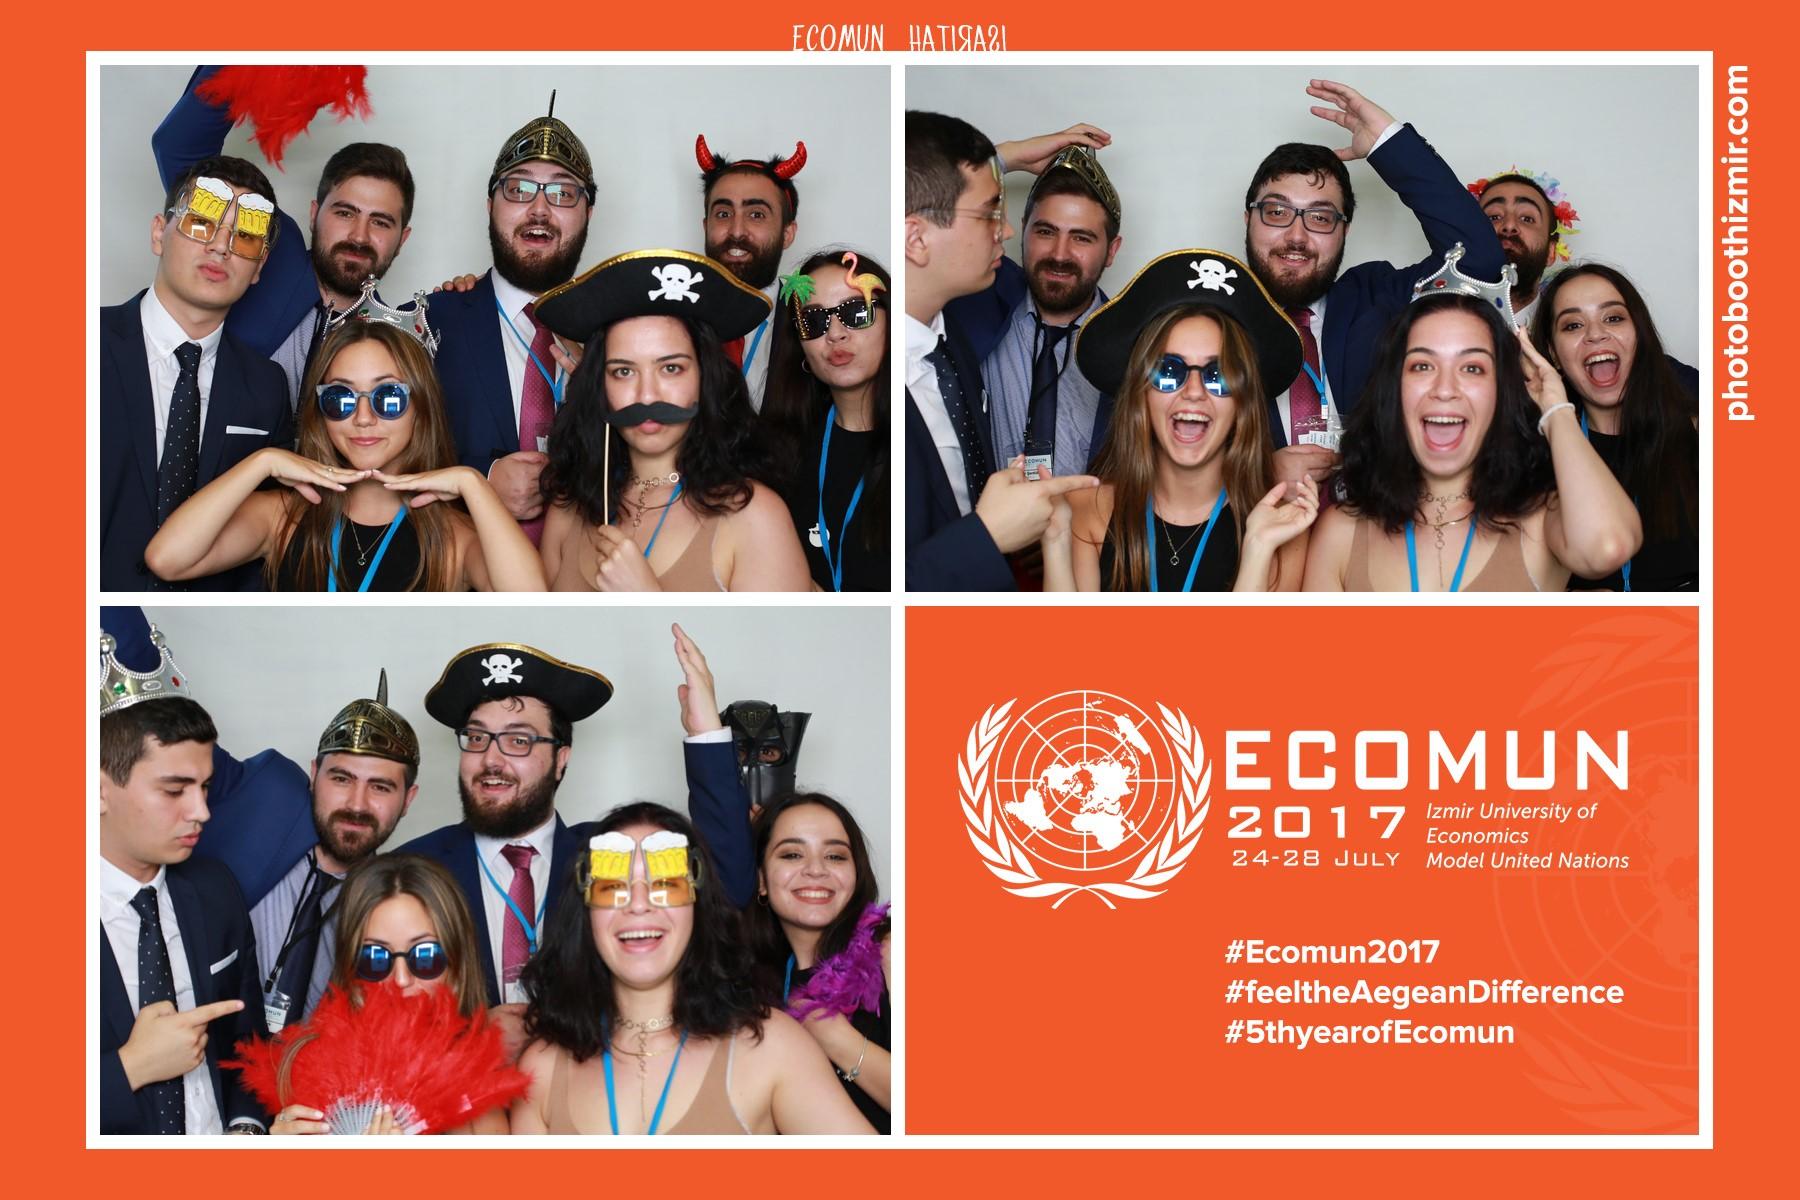 Ekonomi Üniversitesi Ecomun 2017